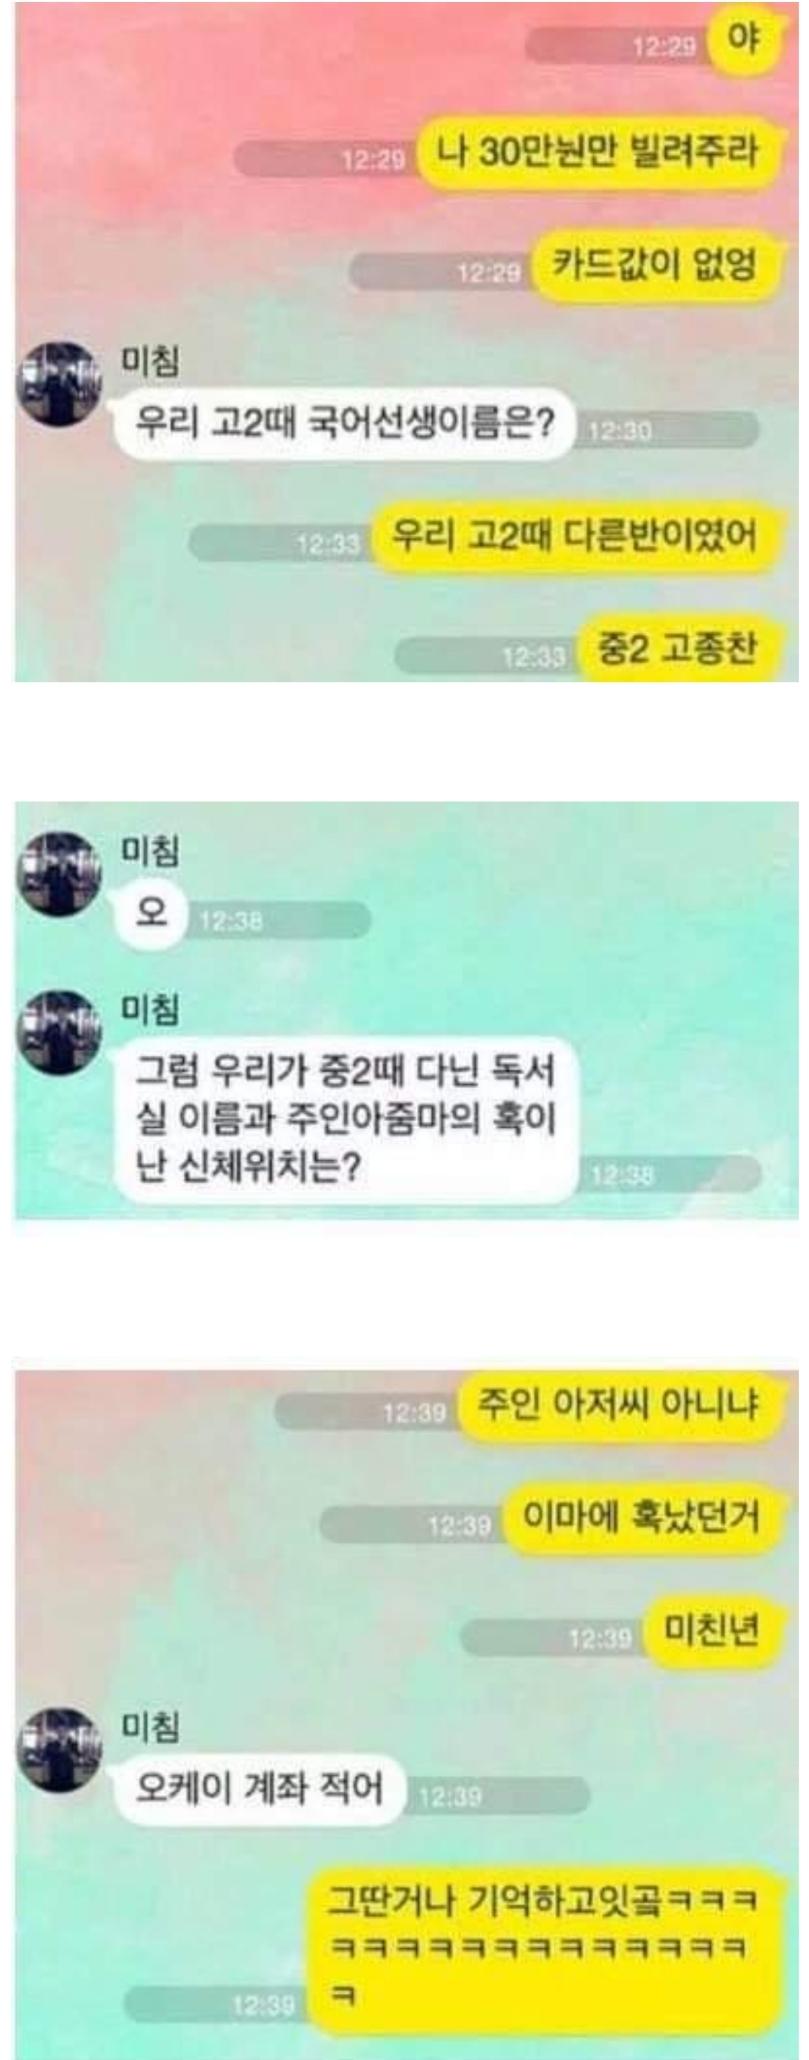 공인인증서 레전드!!!